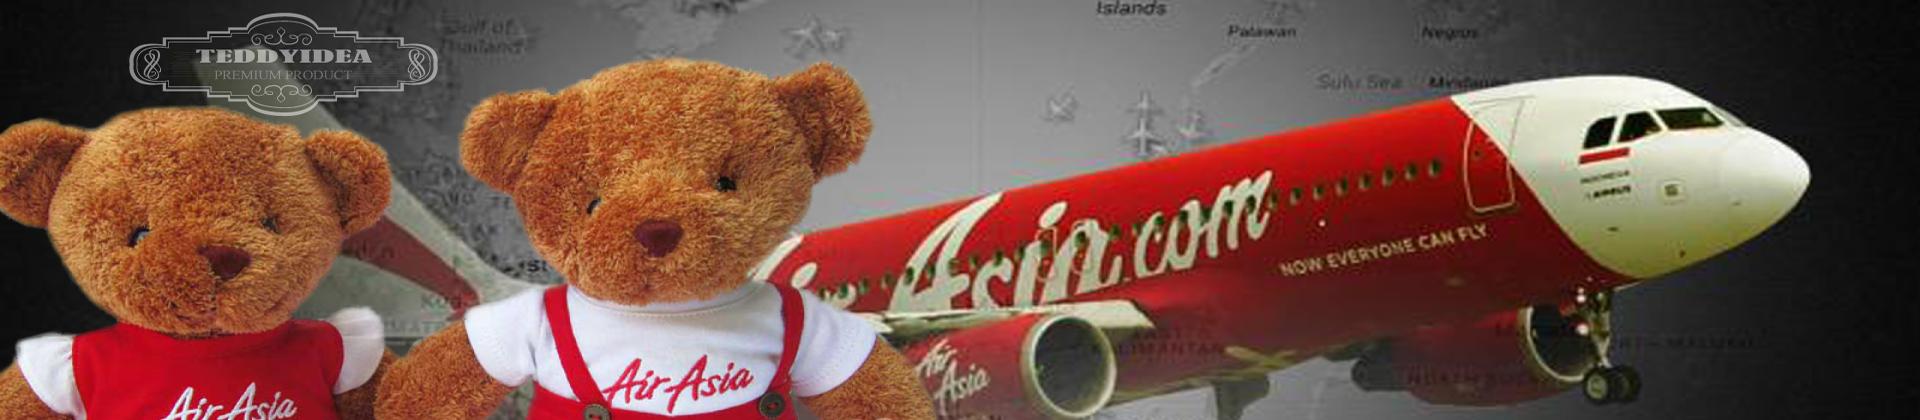 ตุ๊กตาพรีเมี่ยม,ตุ๊กตาหมีพรีเมี่ยม,รับผลิตตุ๊กตา,โรงงานตุ๊กตา,ตุ๊กตาหมี,ของพรีเมี่ยม,ของขวัญ,ของที่ระลึก ,Teddy bear,ตุ๊กตาอัดเสียง,ตุ๊กตาให้แฟน,ของขวัญให้แฟน,ตุ๊กตารับปริญญา